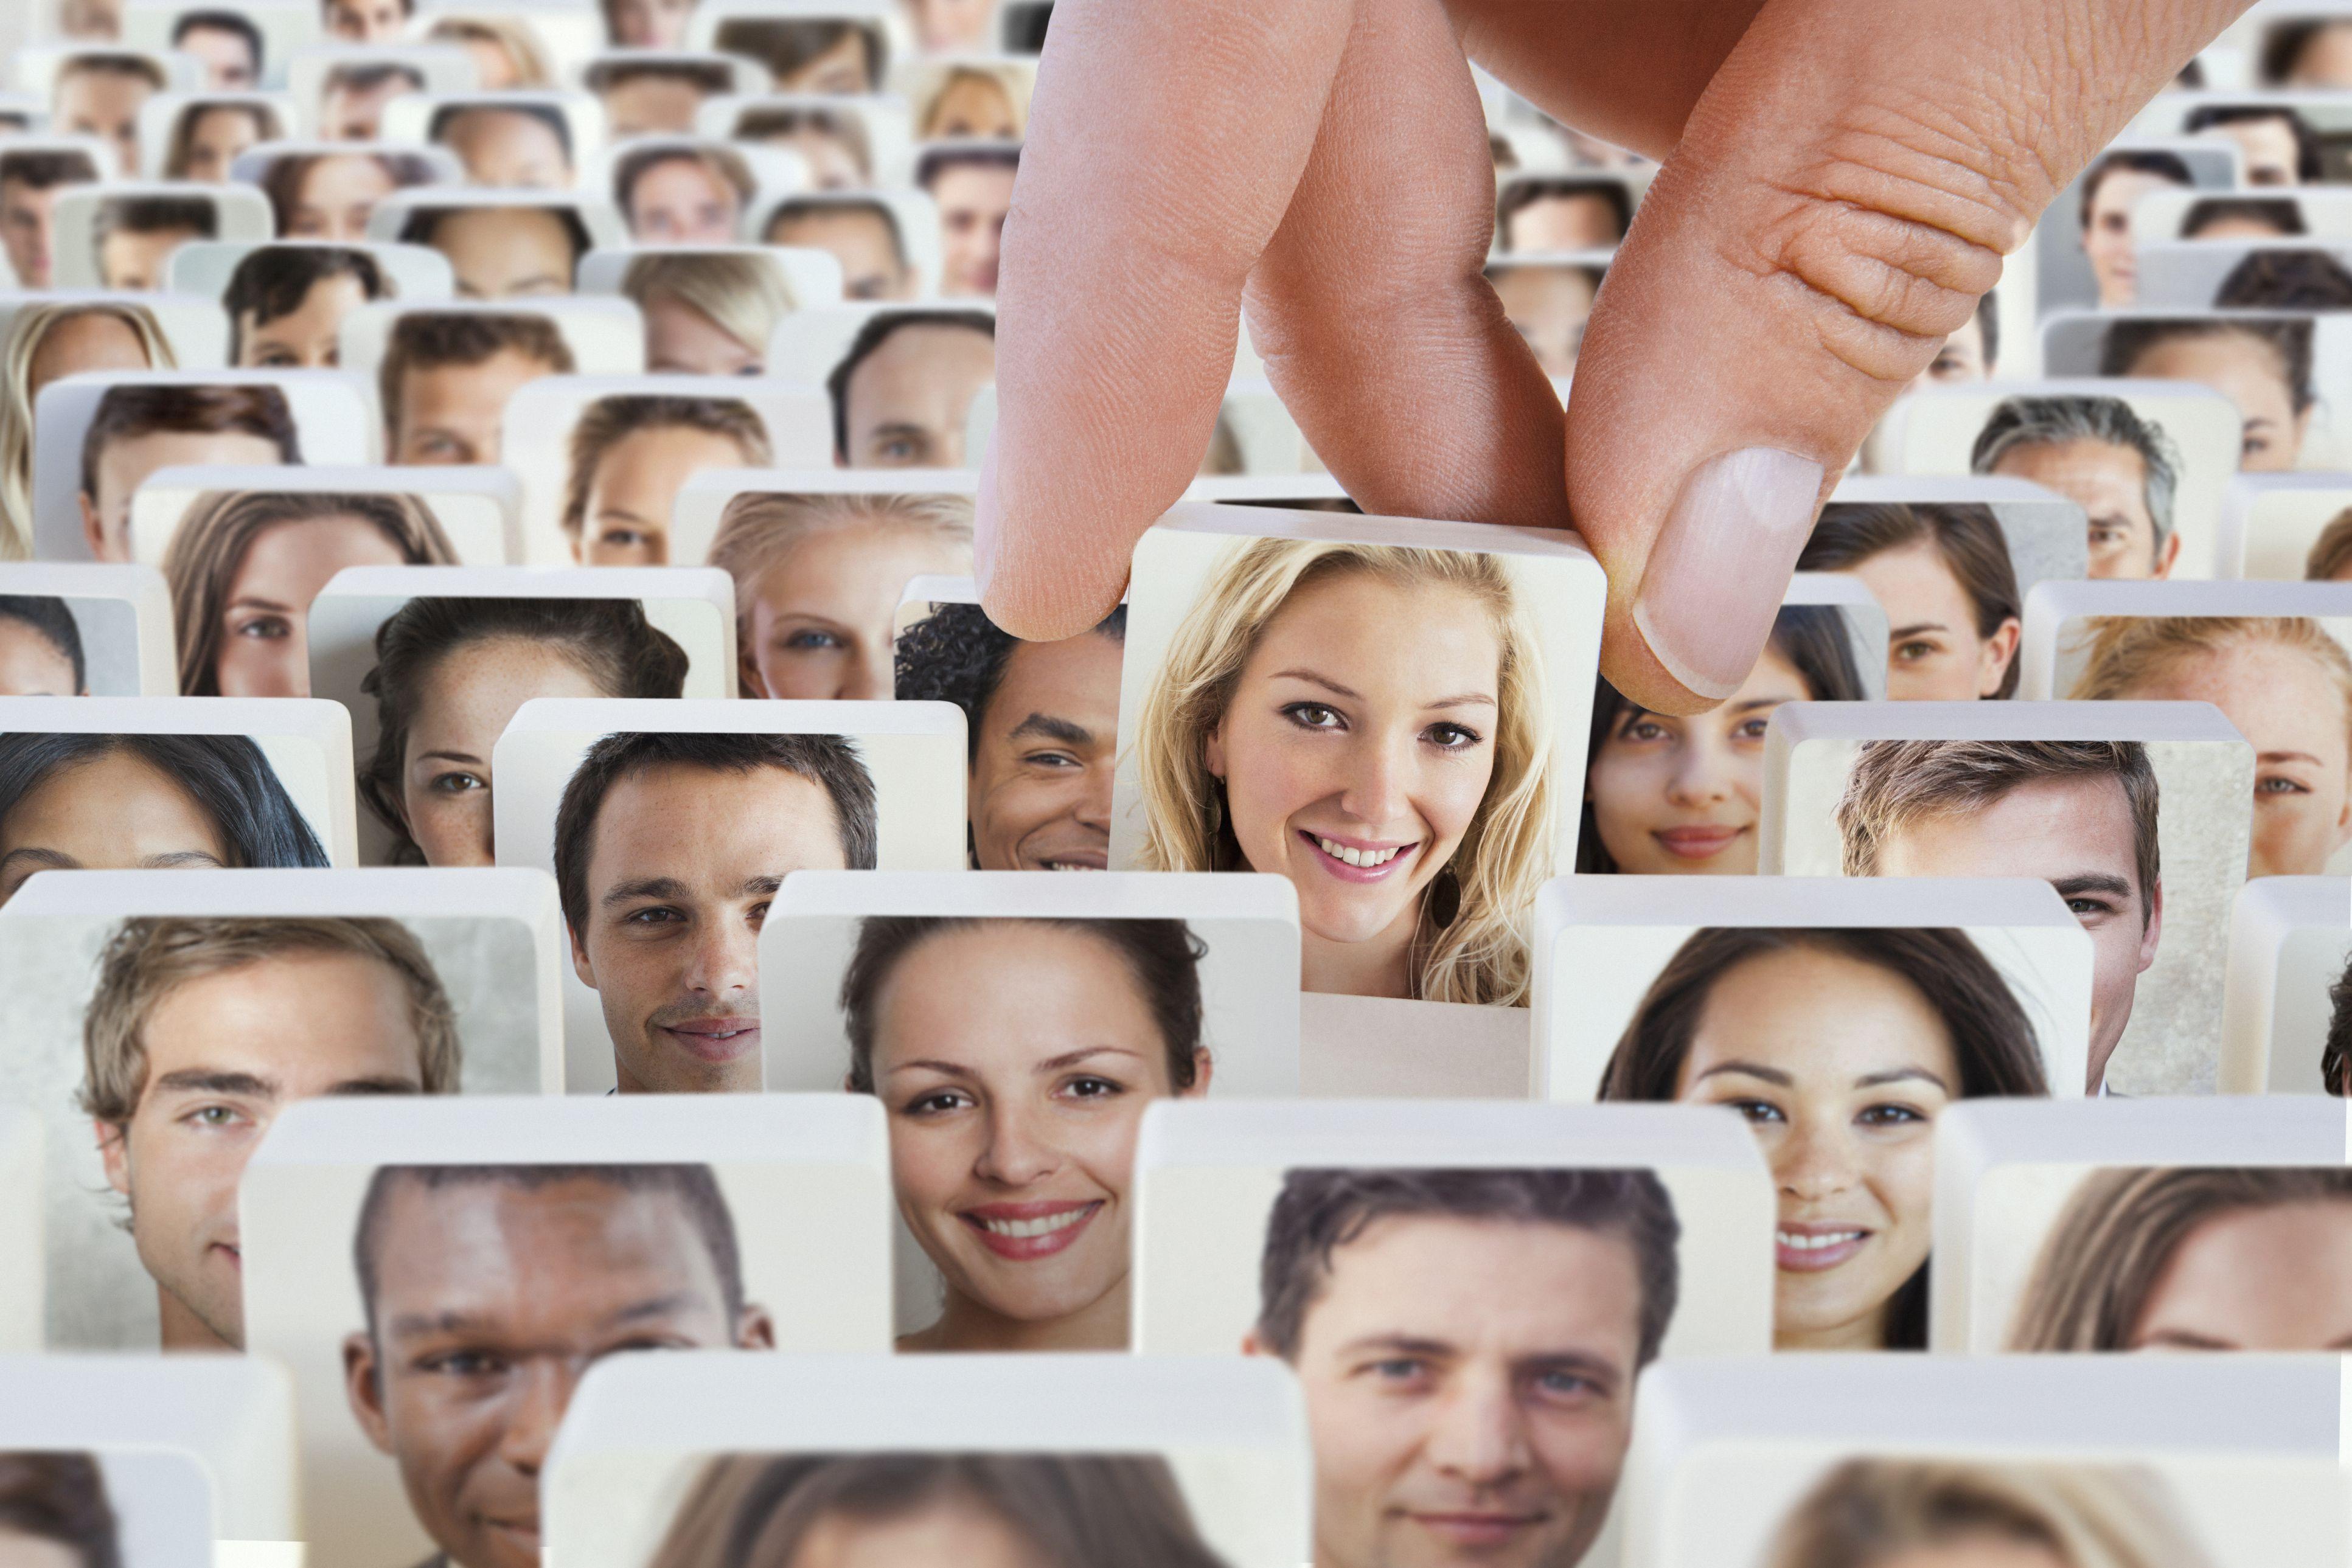 5 tips för dating säkerhetdating råd textmeddelanden